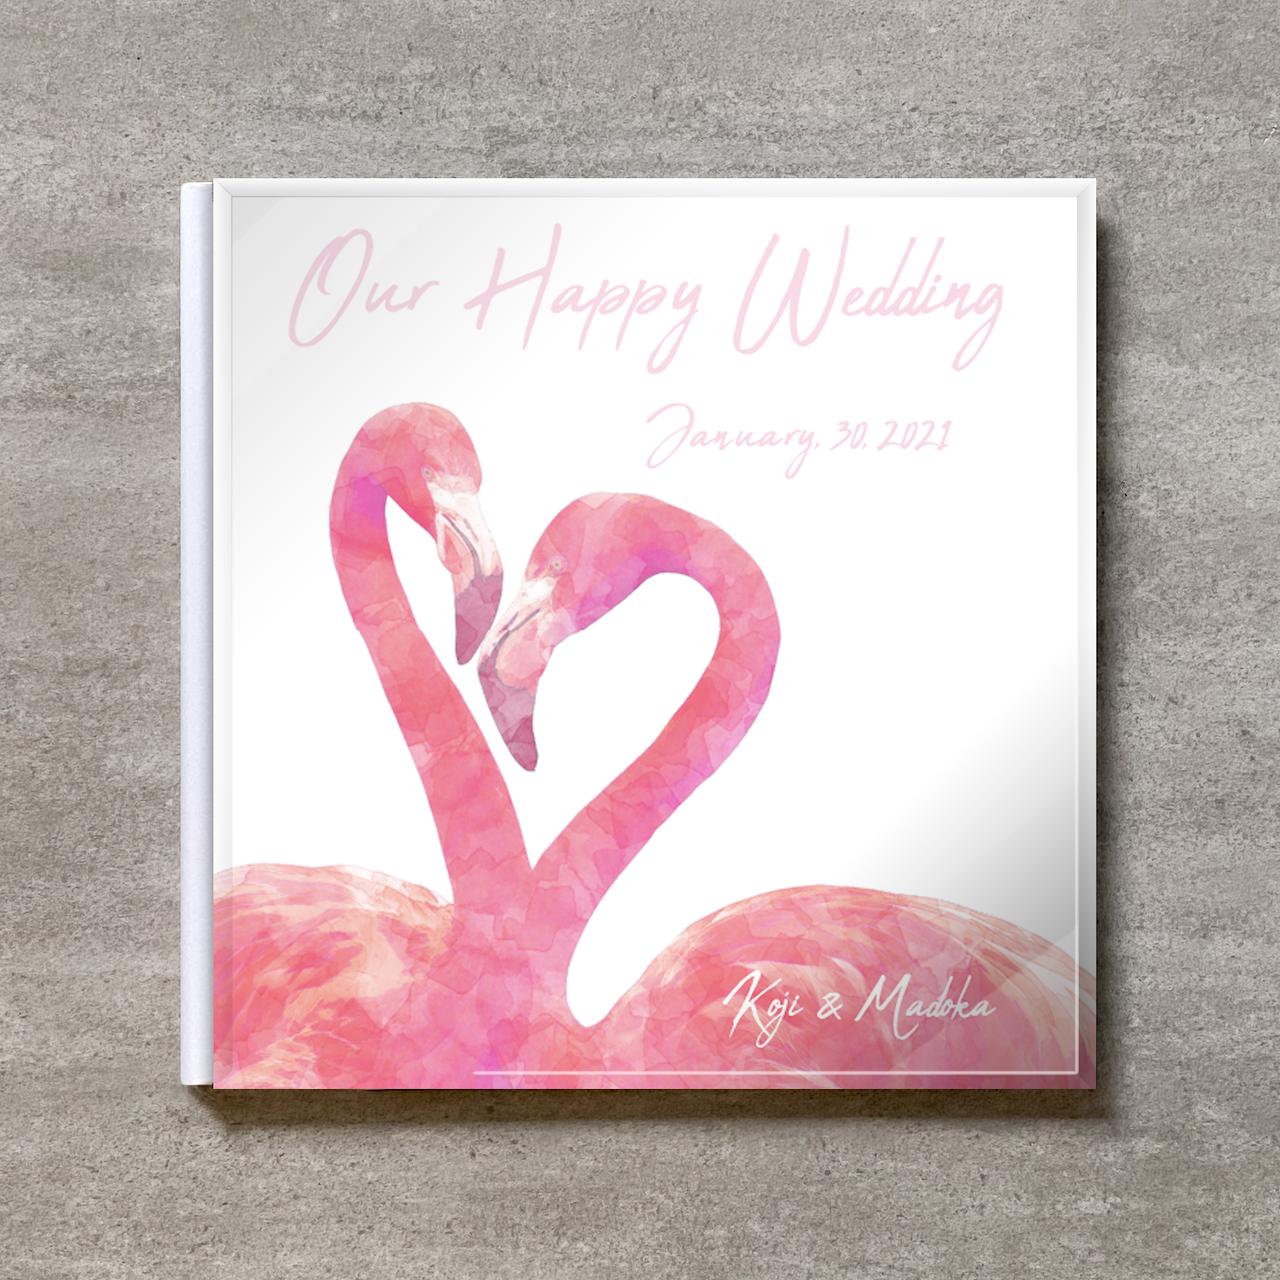 White Flamingo_250SQ_40ページ/60カット_スリムフラット(アクリルカバー)